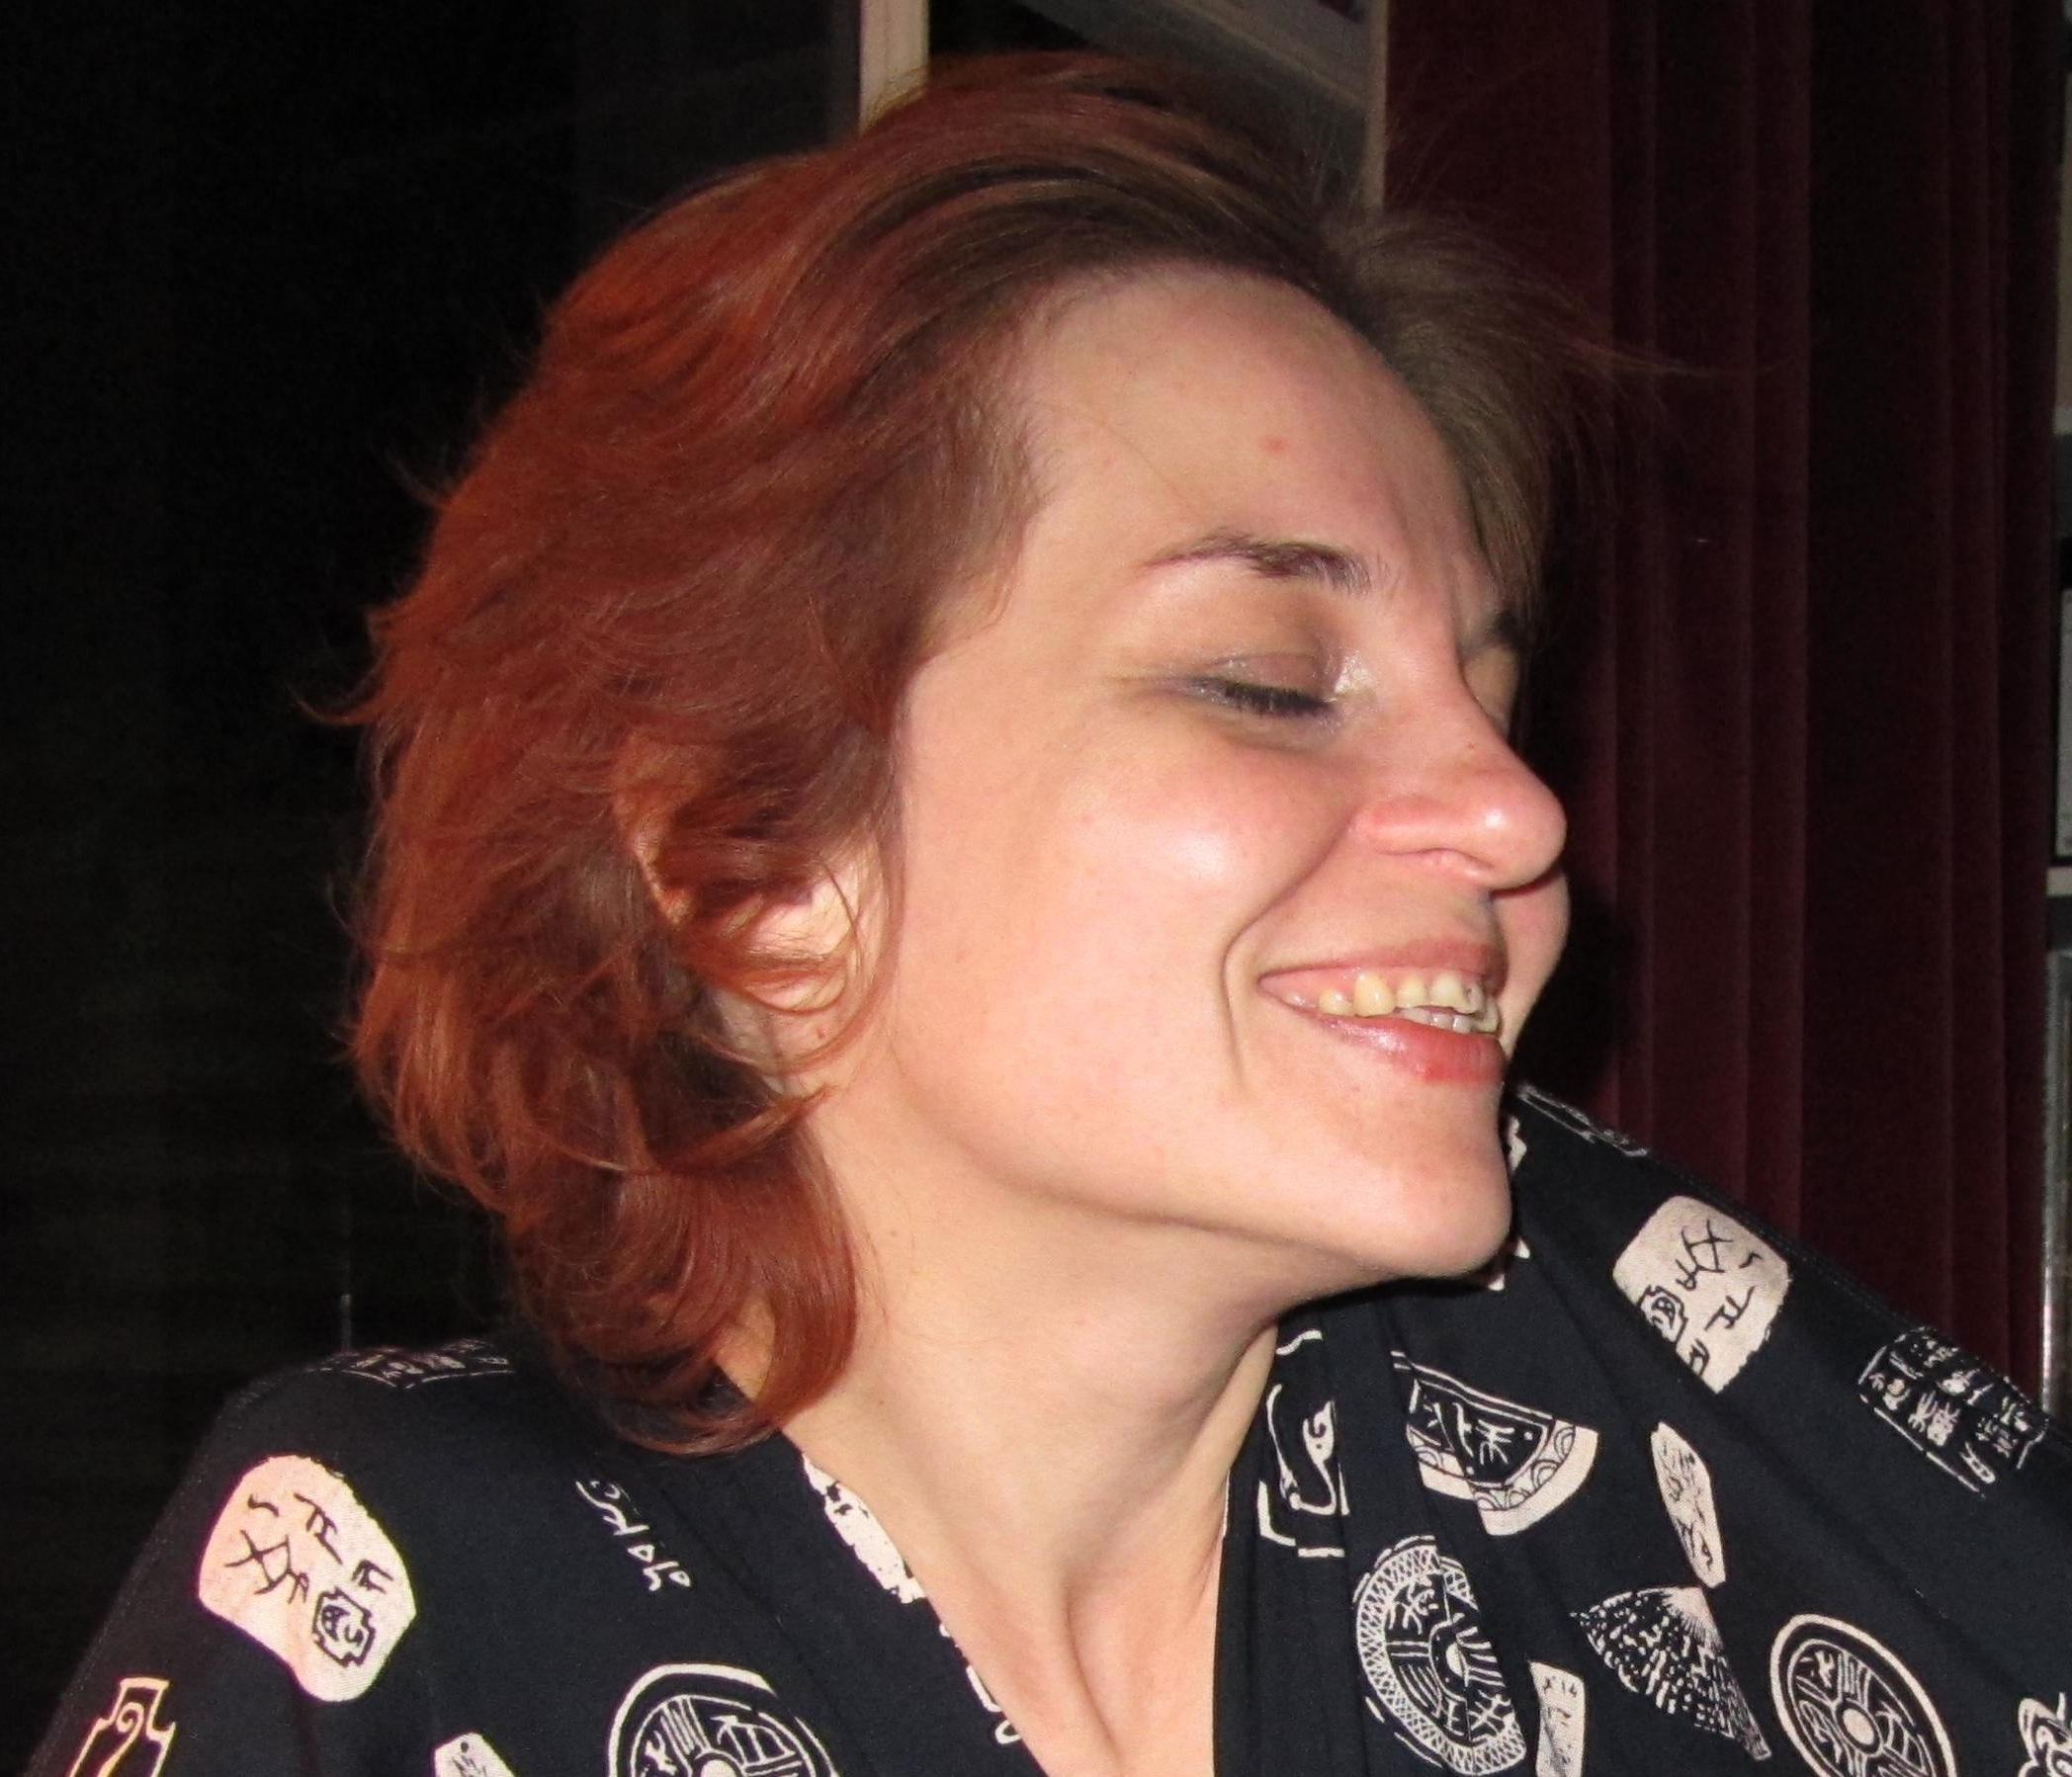 Natasha smile